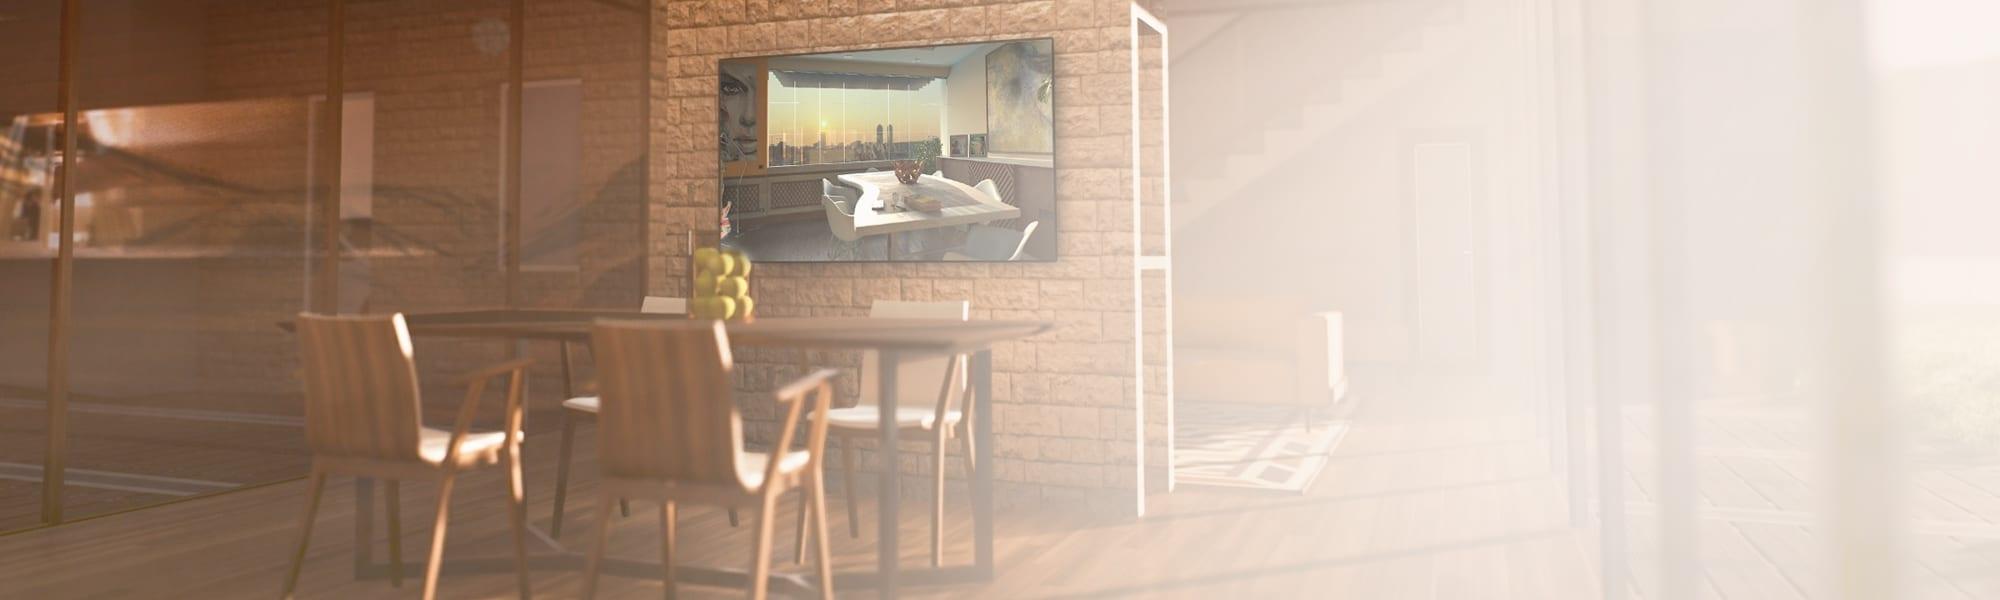 Analysez l'éclairage des espaces et des pièces | Edificius | ACCA software